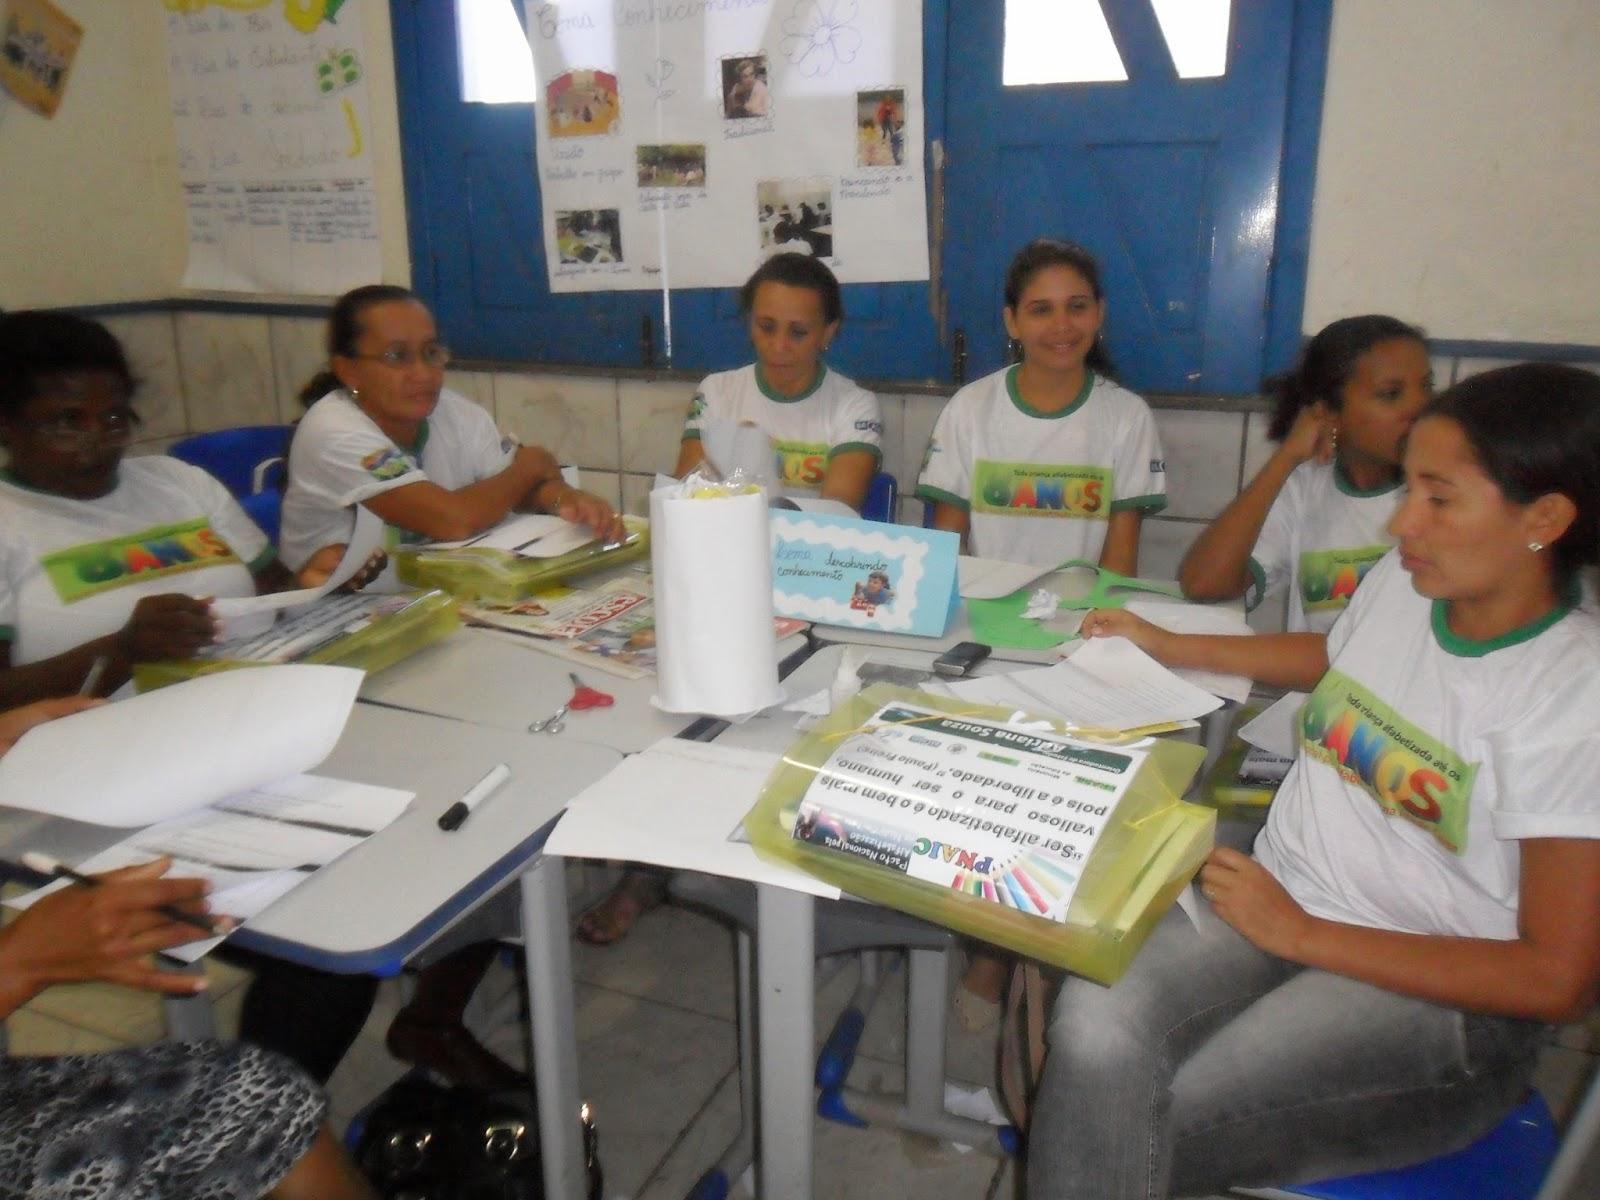 SEMED de Bacabal realiza formação de professores do Pacto Nacional pela Alfabetização na Idade Certa